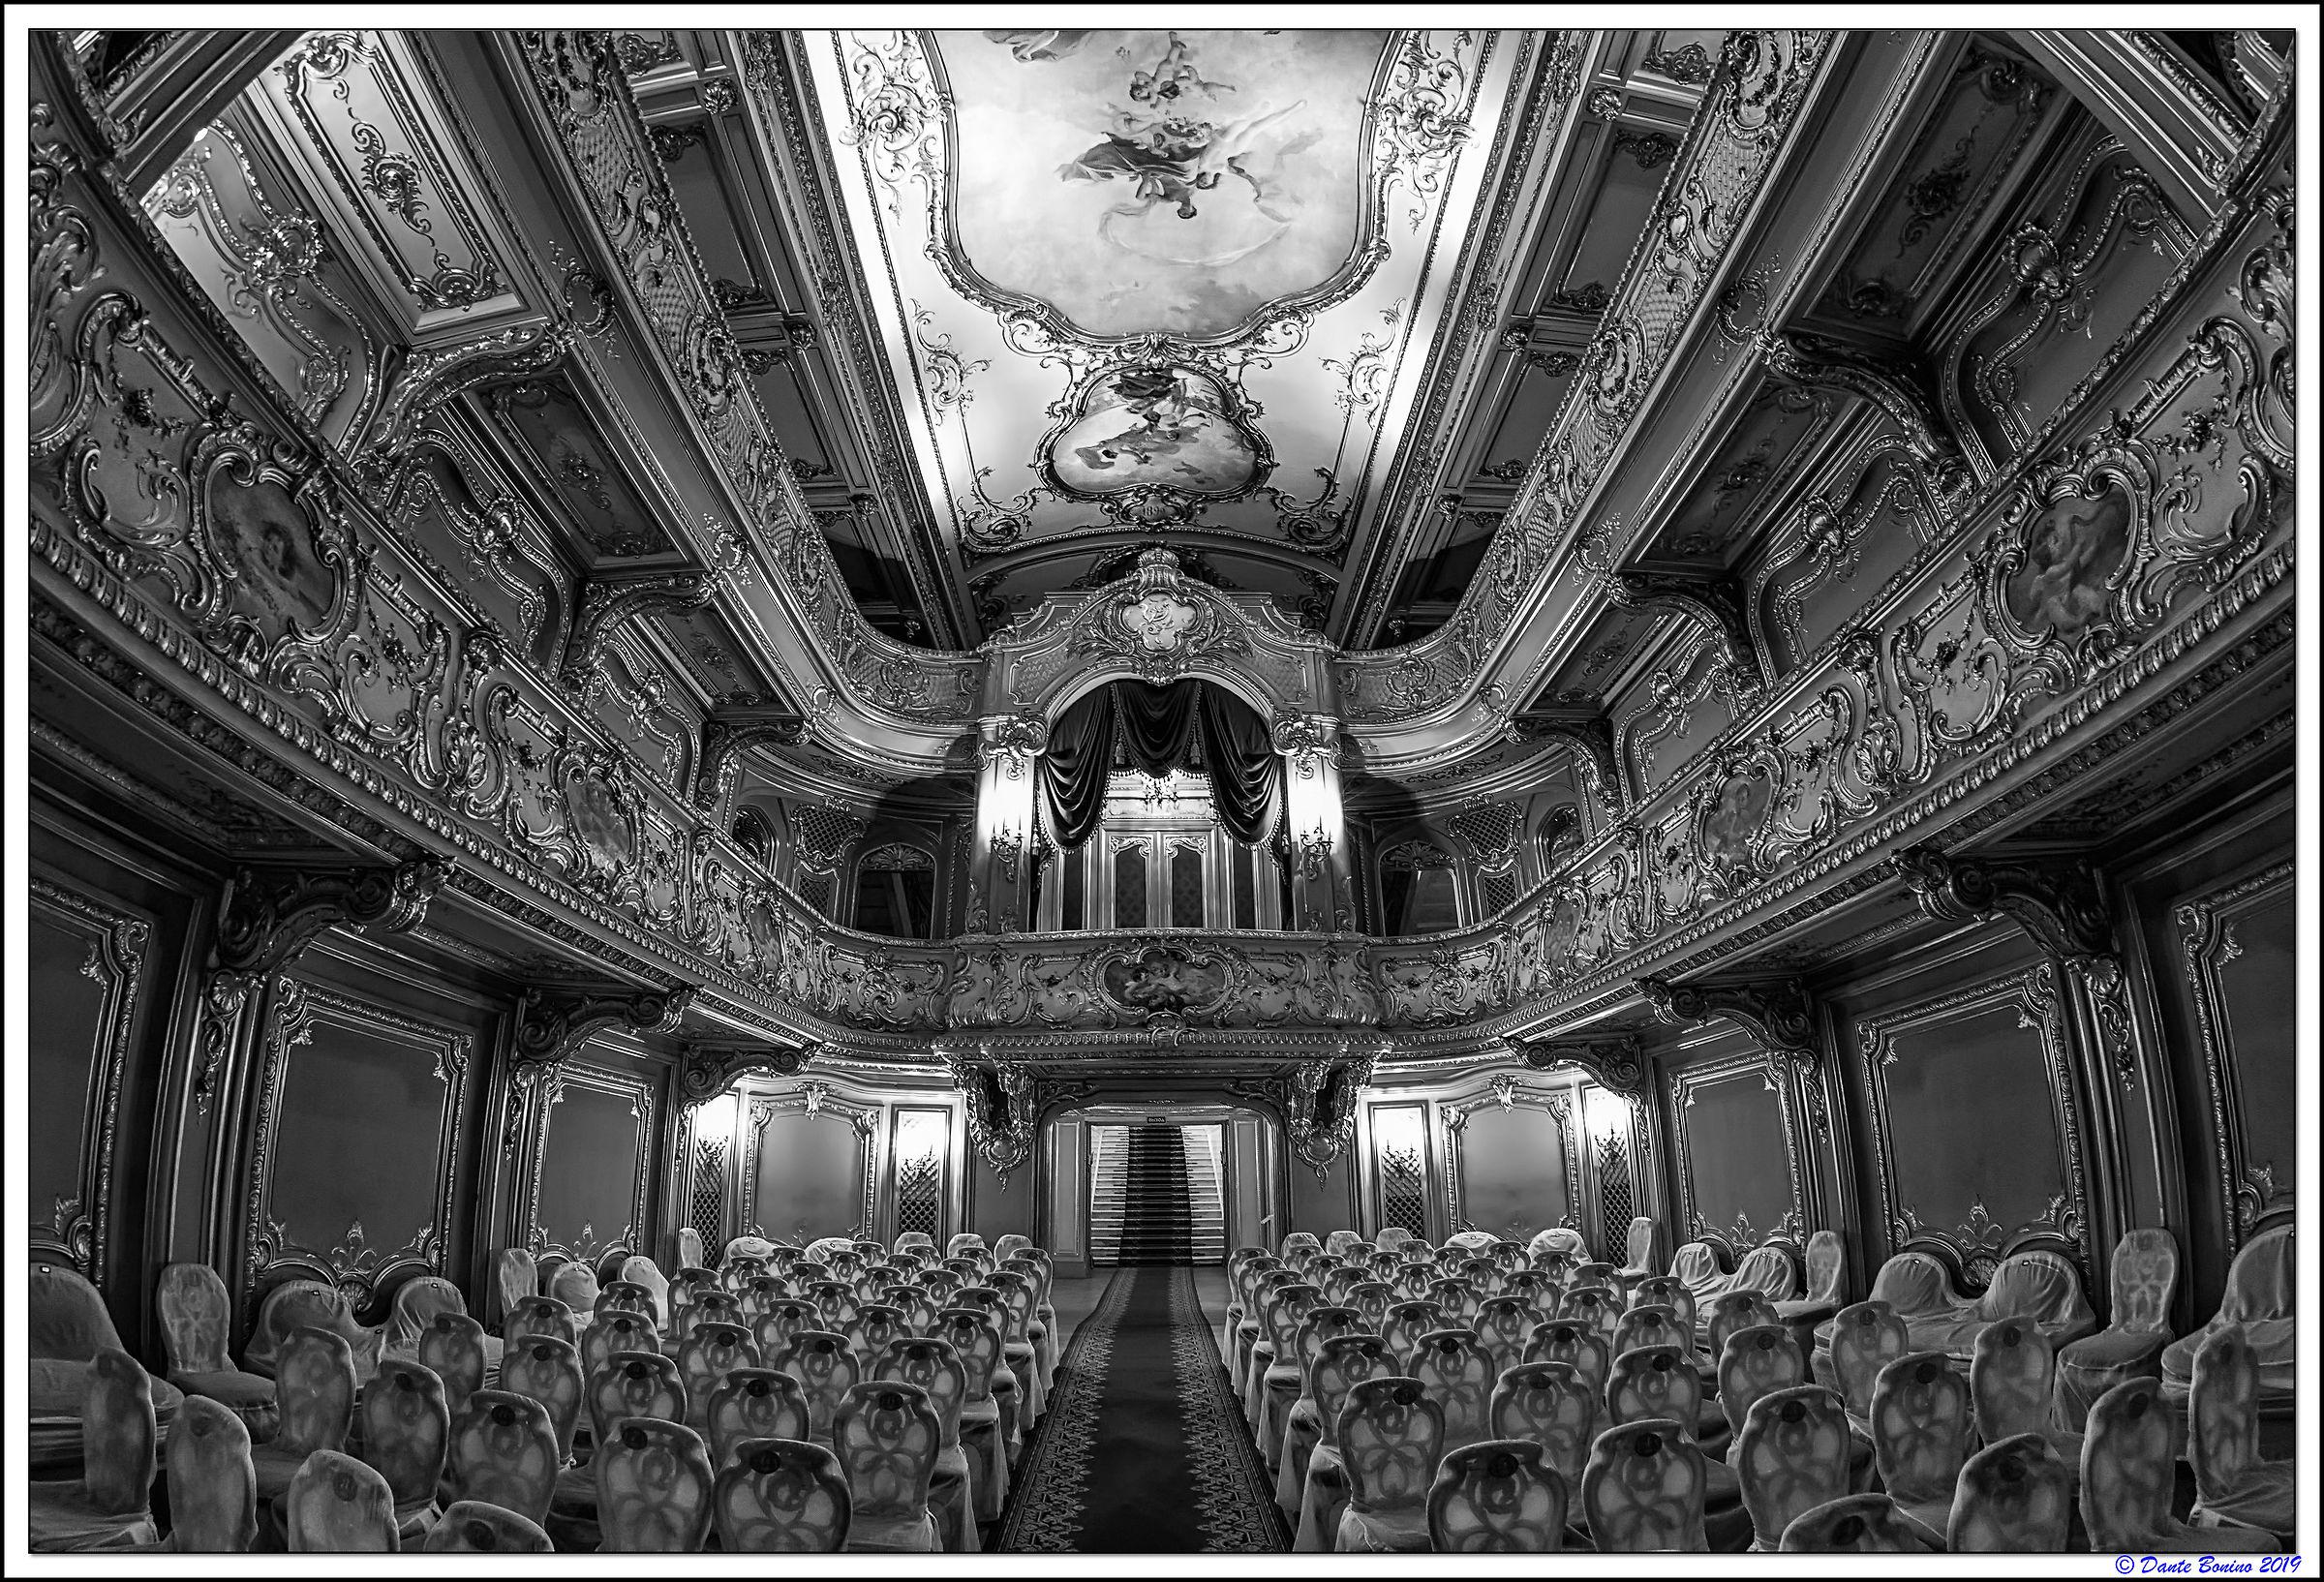 Teatro privato1, Palazzo Yusupov...